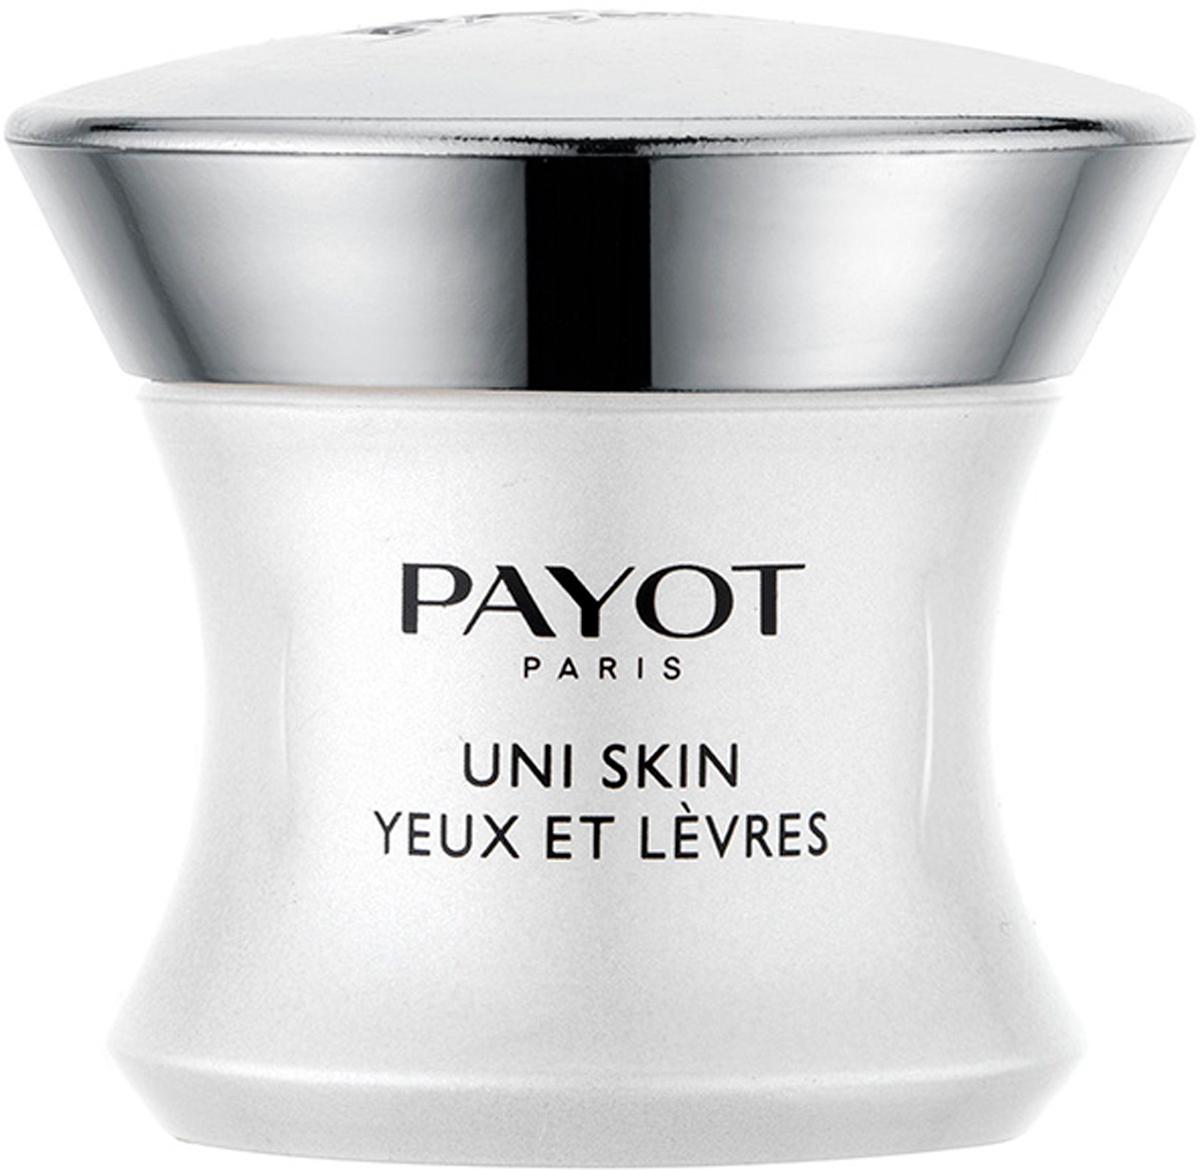 Payot Uni Skin Выравнивающий совершенствующий крем для области вокруг глаз и губ, 15 мл65109932Крем борется с нарушениями жизнедеятельности клеток, вызывающими изменения тона кожи (пигментные пятна, тусклый цвет лица, пятна от шрамов, покраснения). Возвращает сияние деликатной коже в области вокруг глаз и губ, заметно разглаживая и заполняя морщины. Без отдушек.